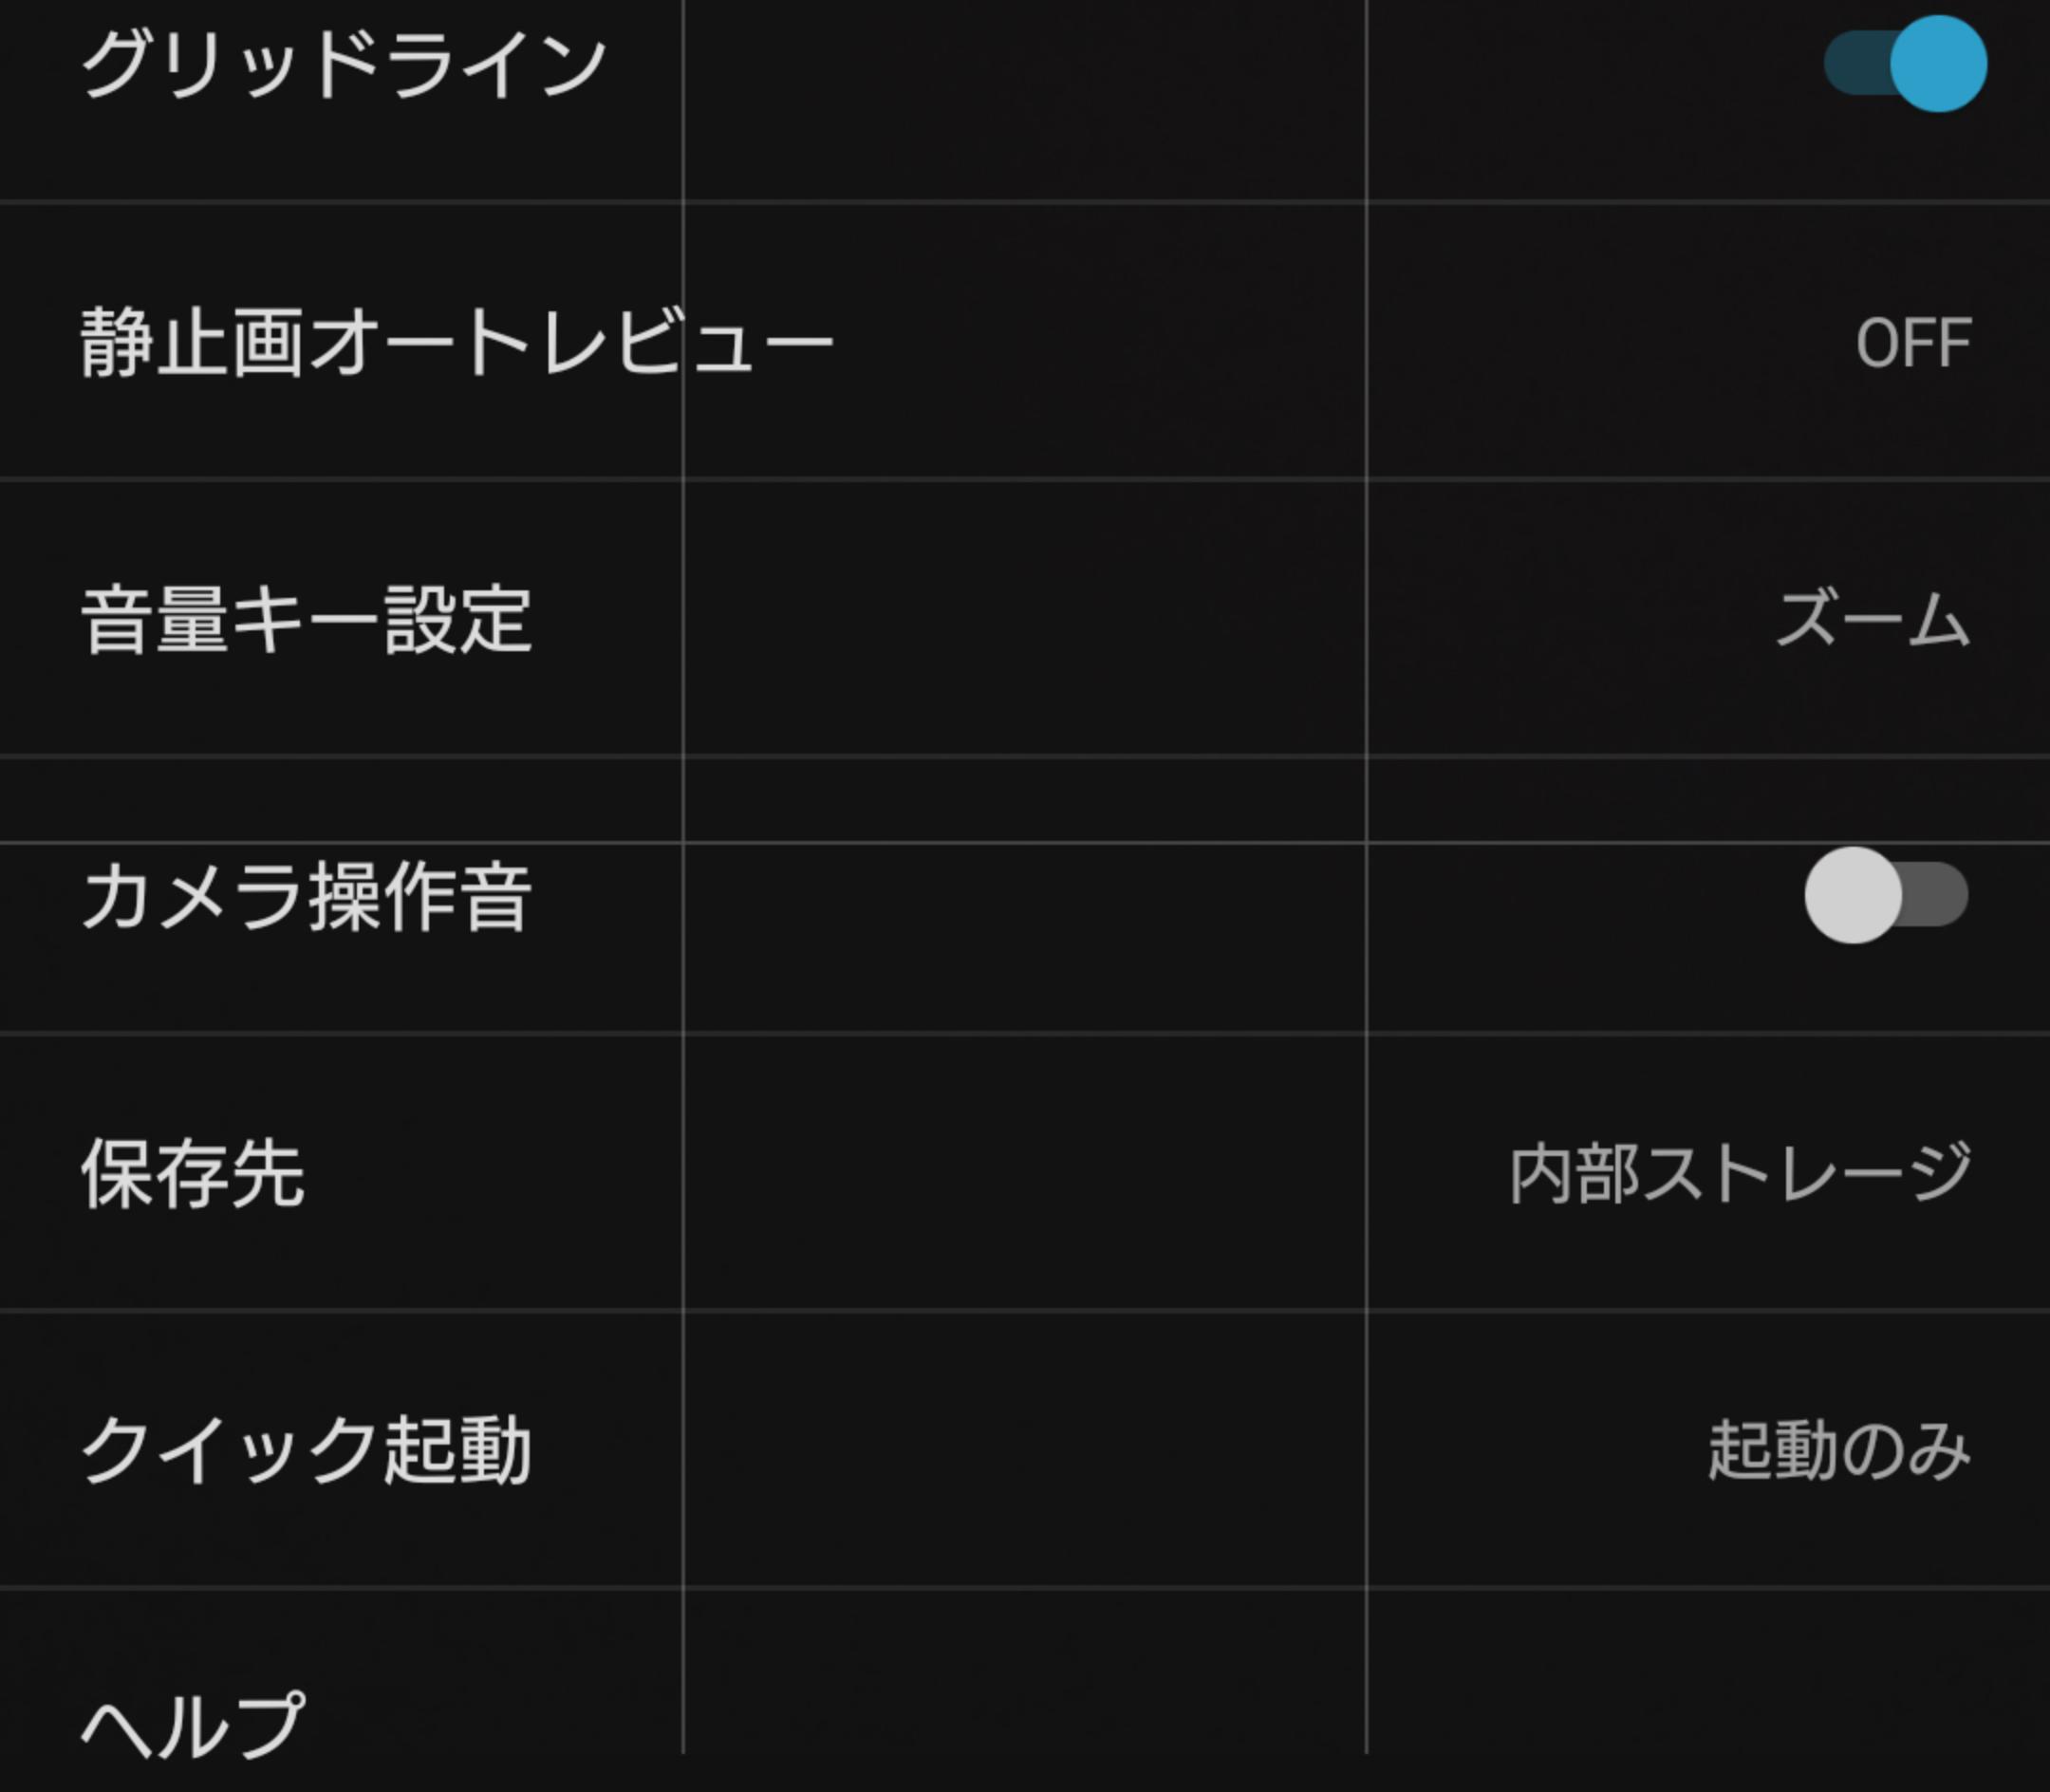 Xperia XZ premium G8142のシャッター音を消す方法